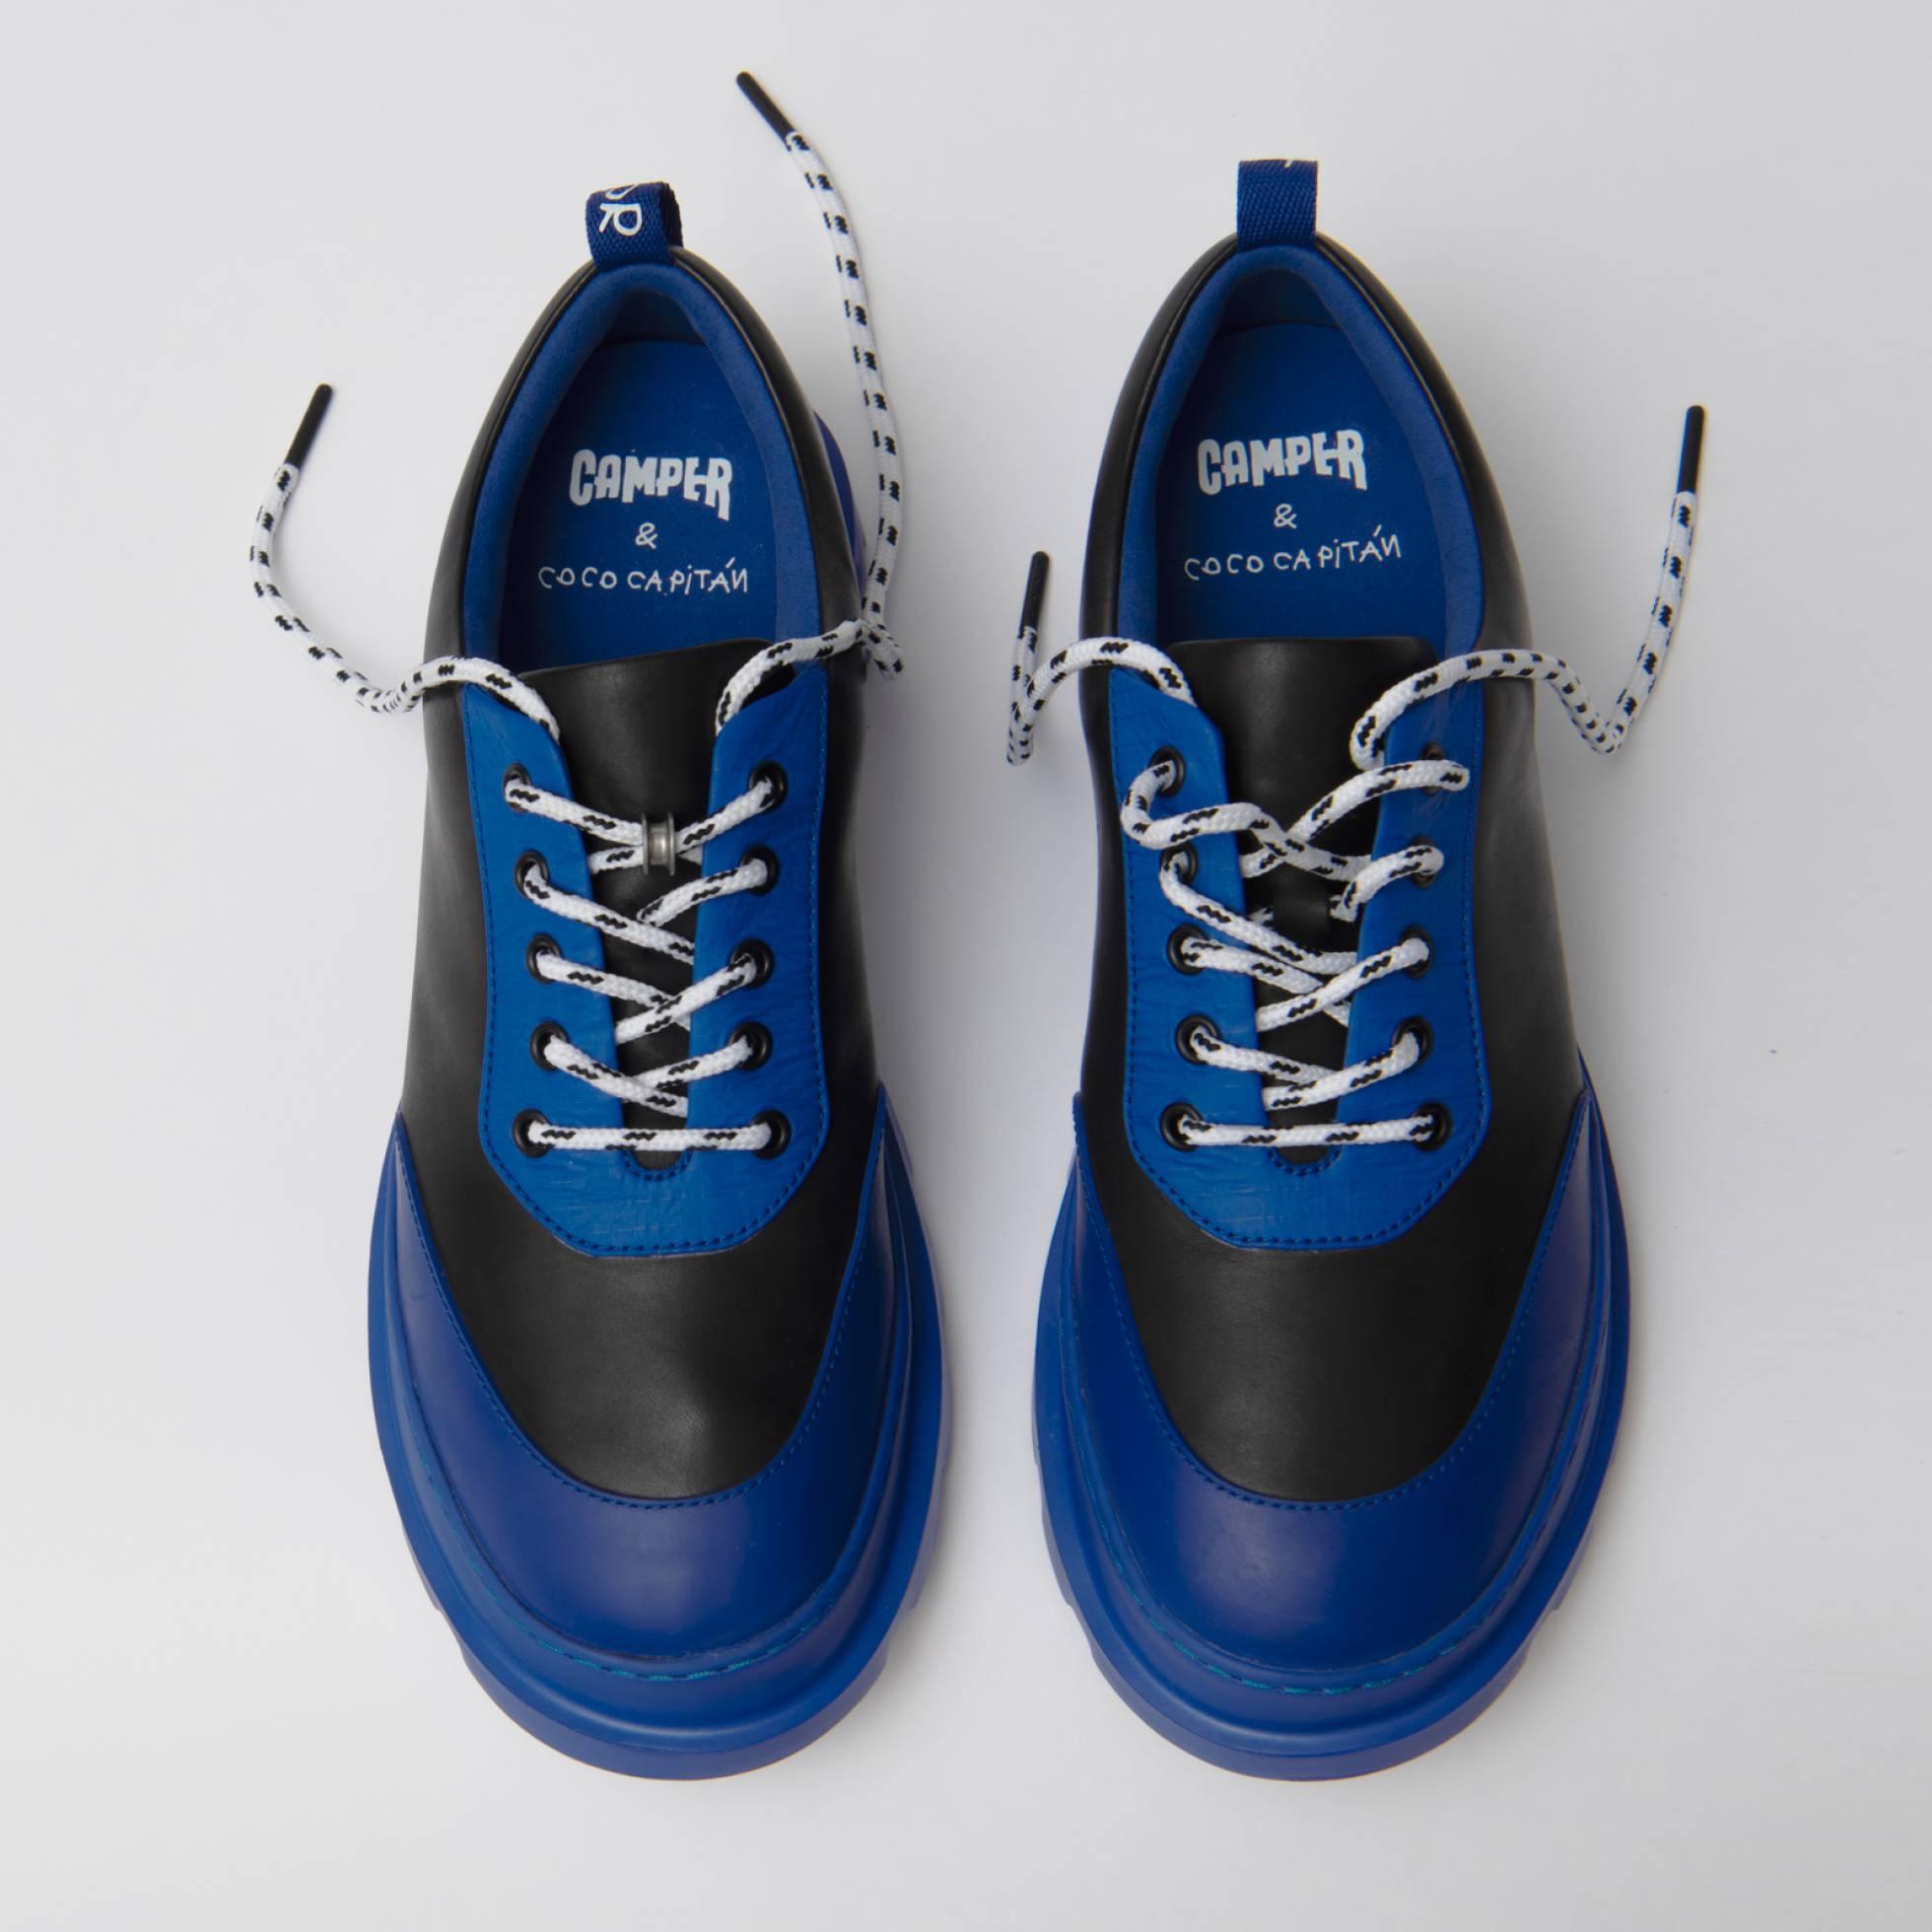 Испанская художница представила в Милане ботинки со скрытыми каллиграфическими надписями